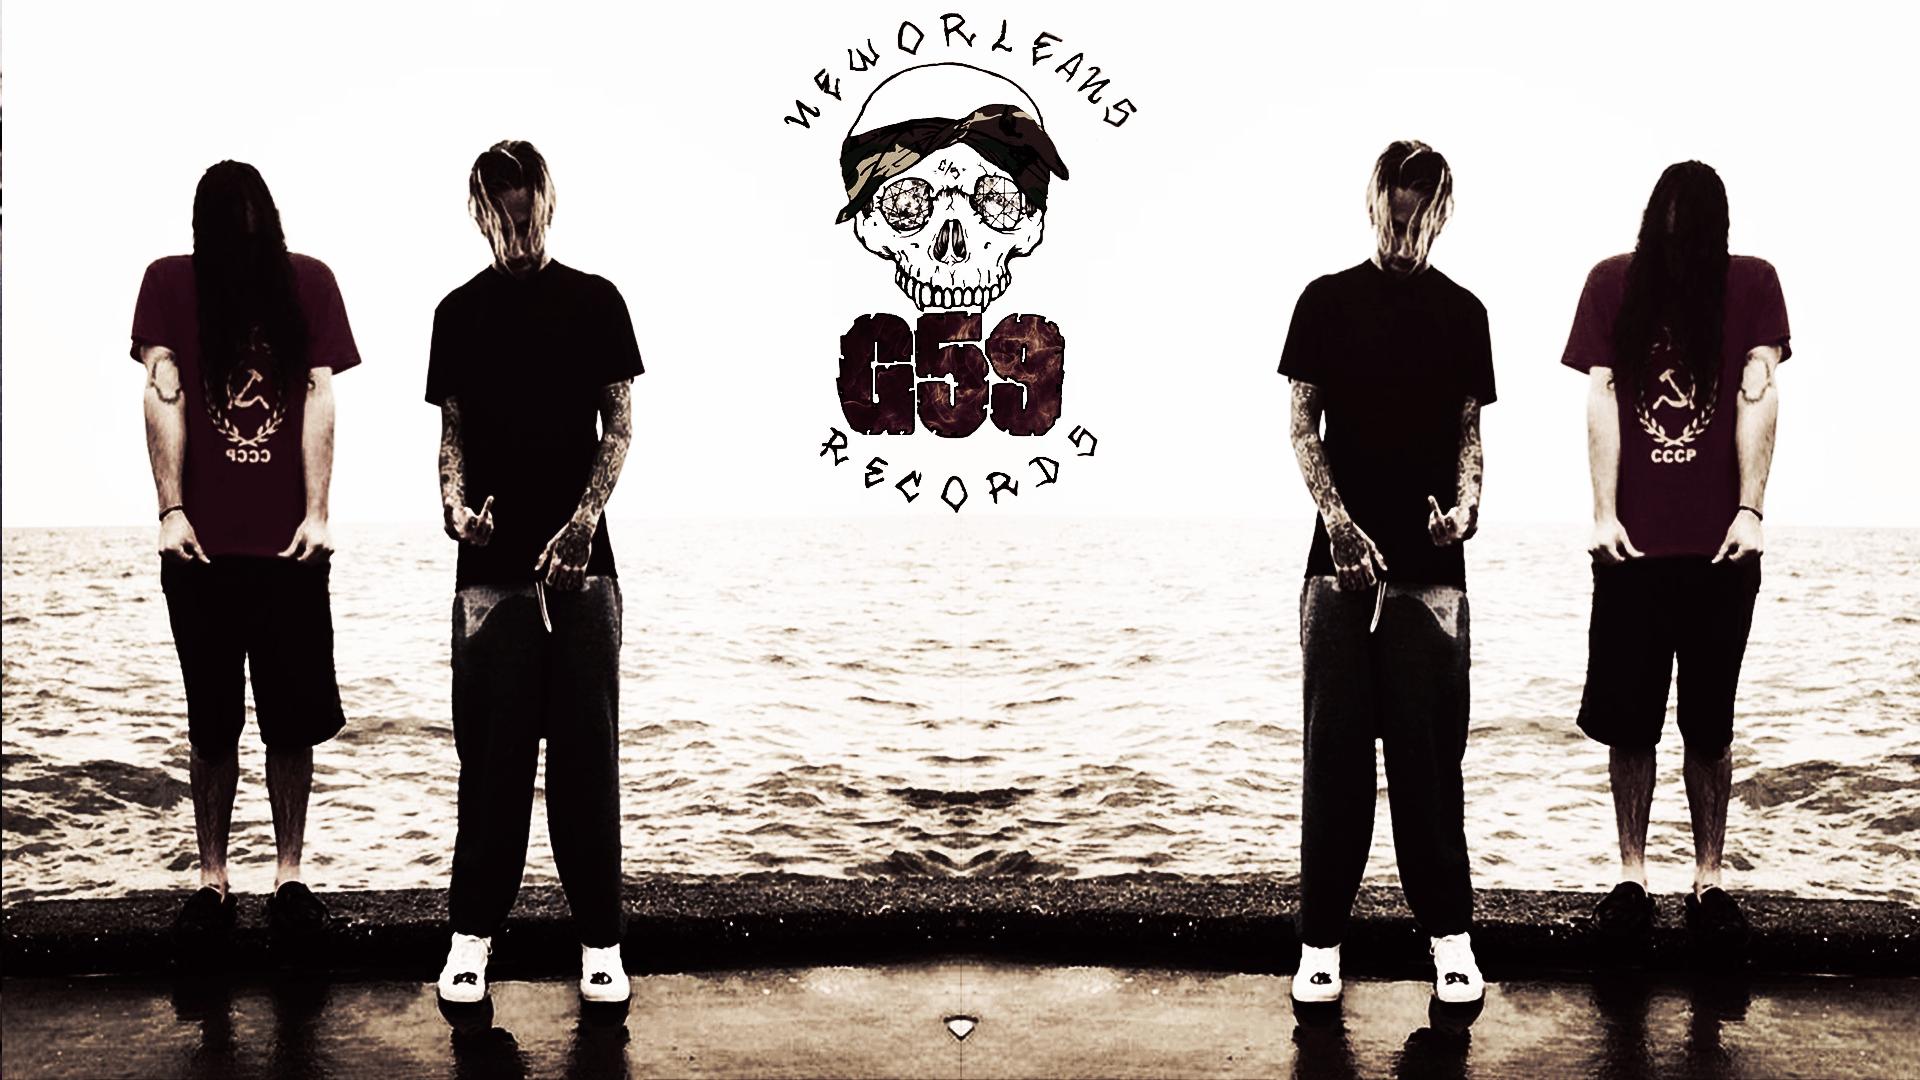 $uicideboy$ Wallpapers - Wallpaper Cave